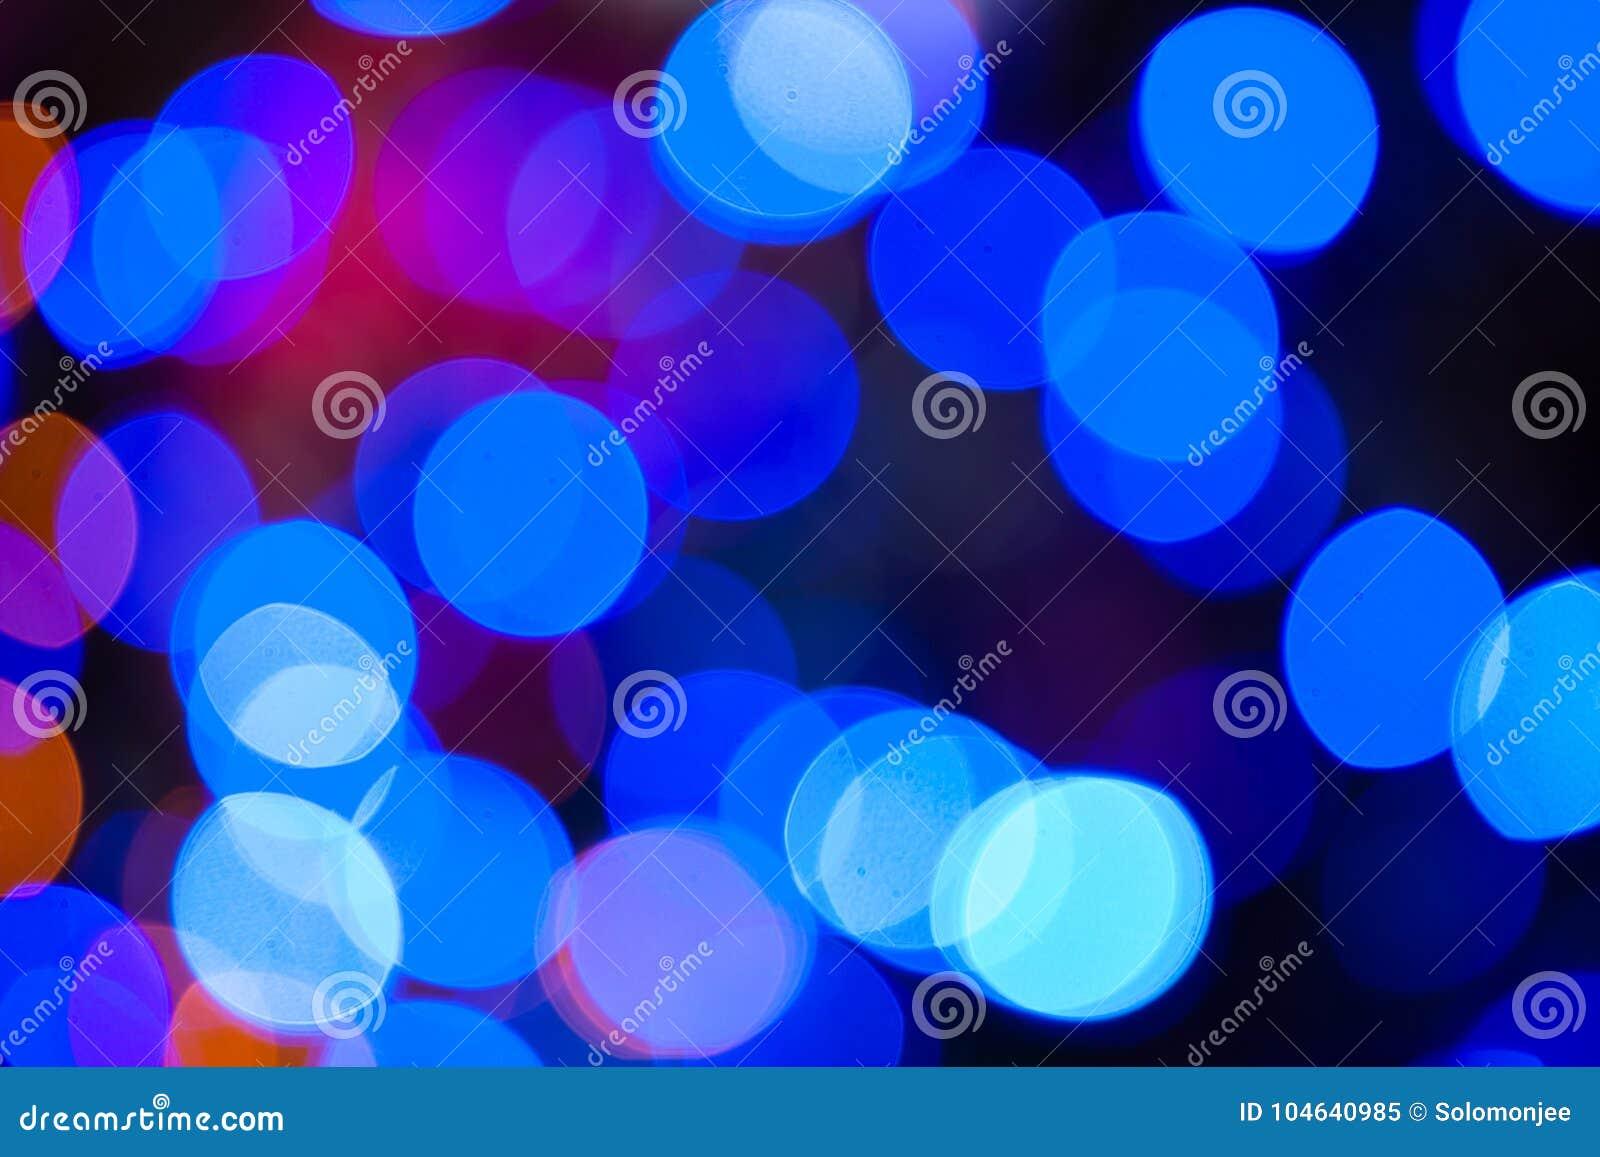 Download Kerstmis Steekt Blauwe Bokehachtergrond Aan Stock Afbeelding - Afbeelding bestaande uit kaart, up: 104640985